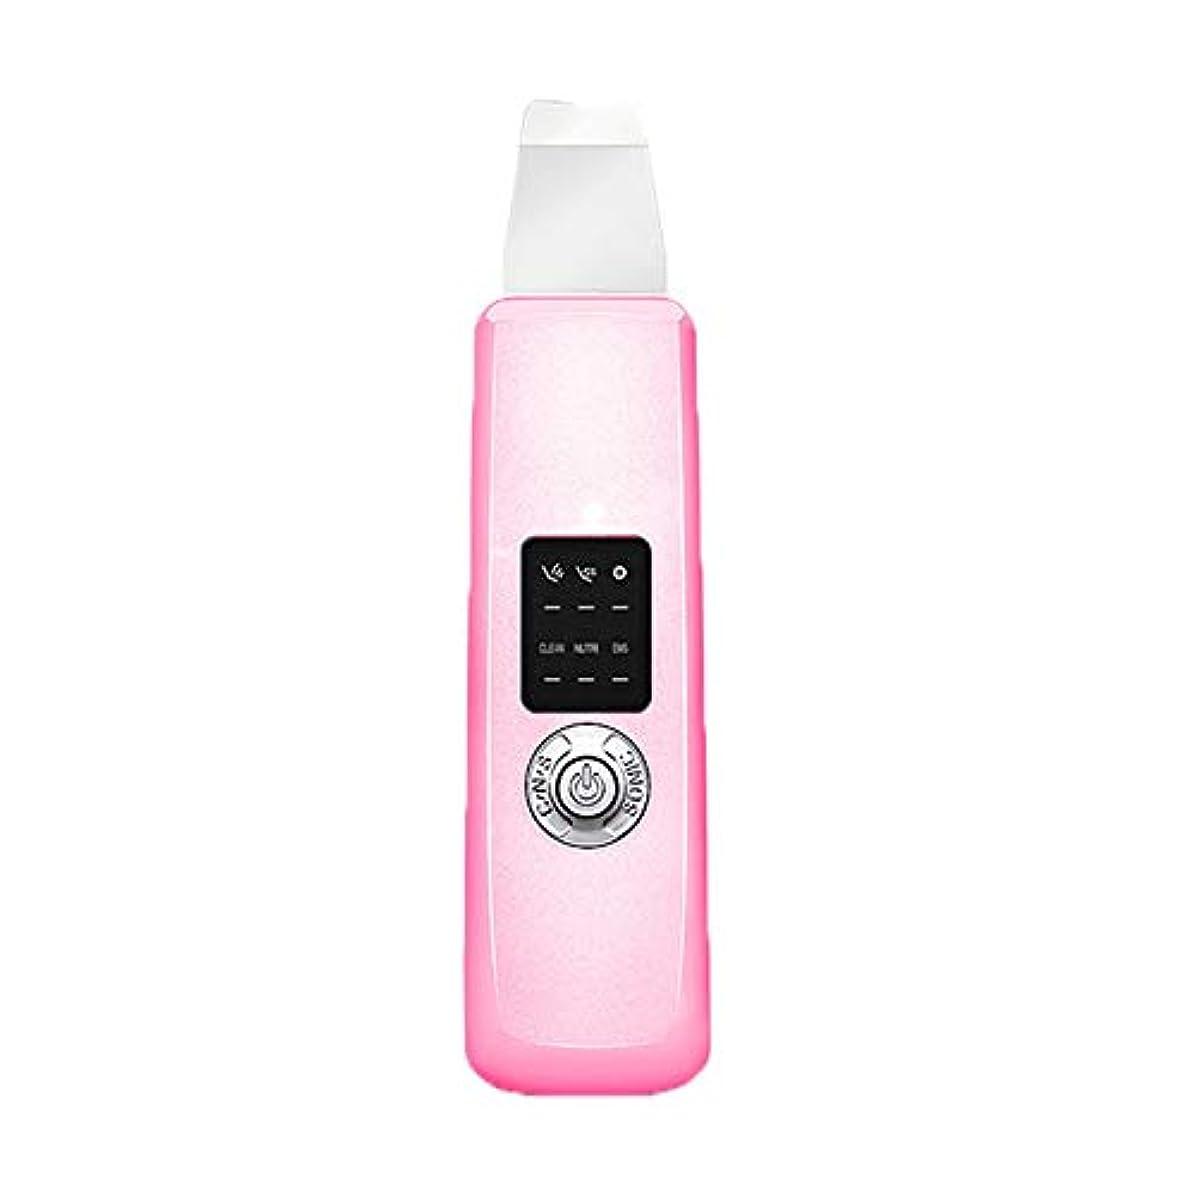 伝導率農奴湿気の多いにきび除去剤、にきび毛穴クリーナーにきびに電気吸引ブラックヘッドアーティファクト電子美容洗剤,ピンク